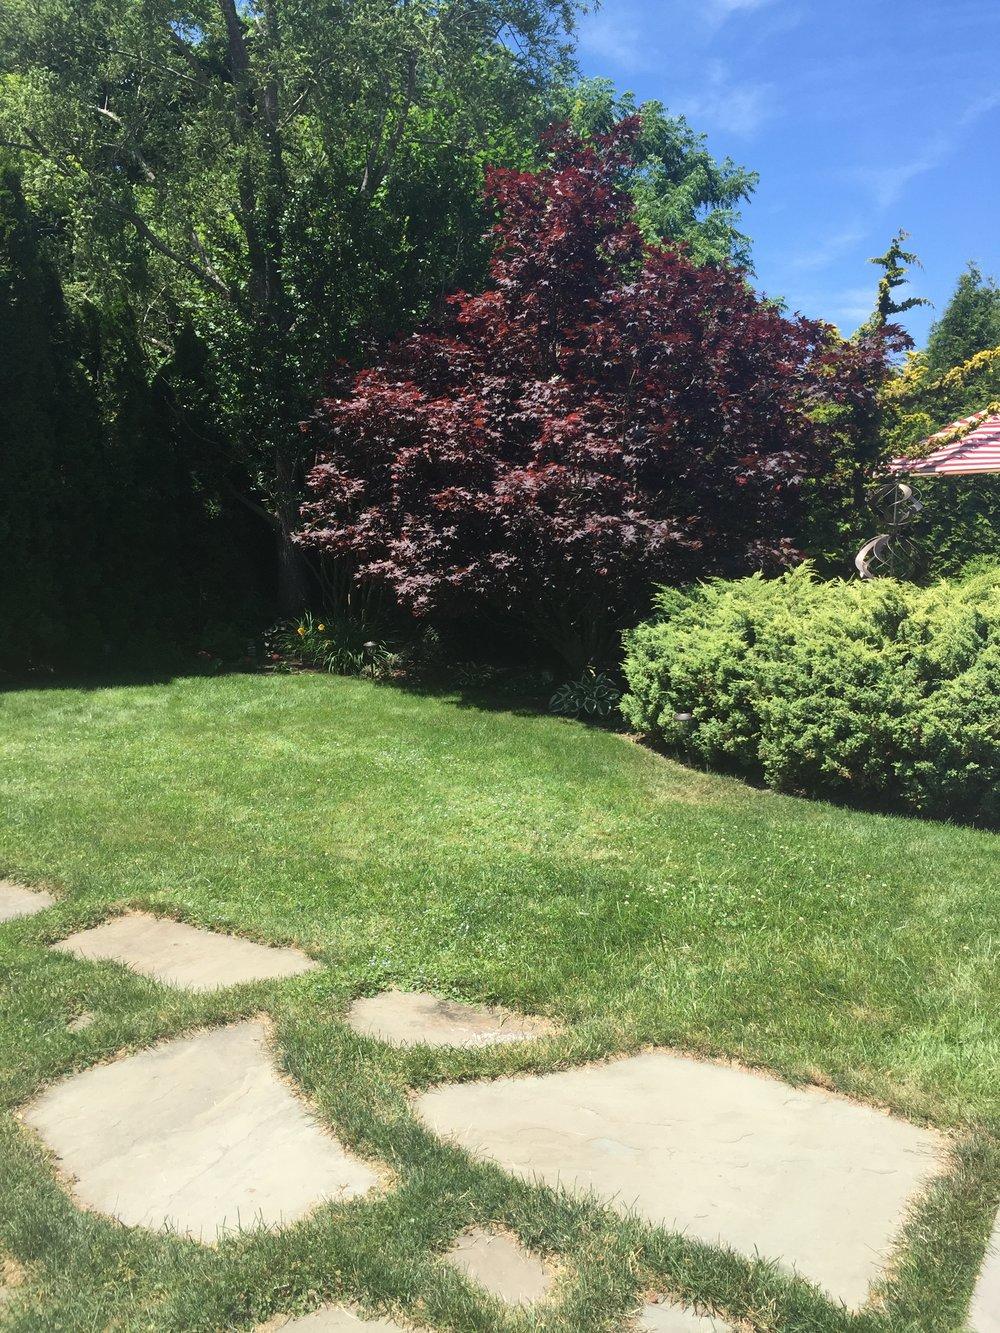 Alexas backyard 5.jpg